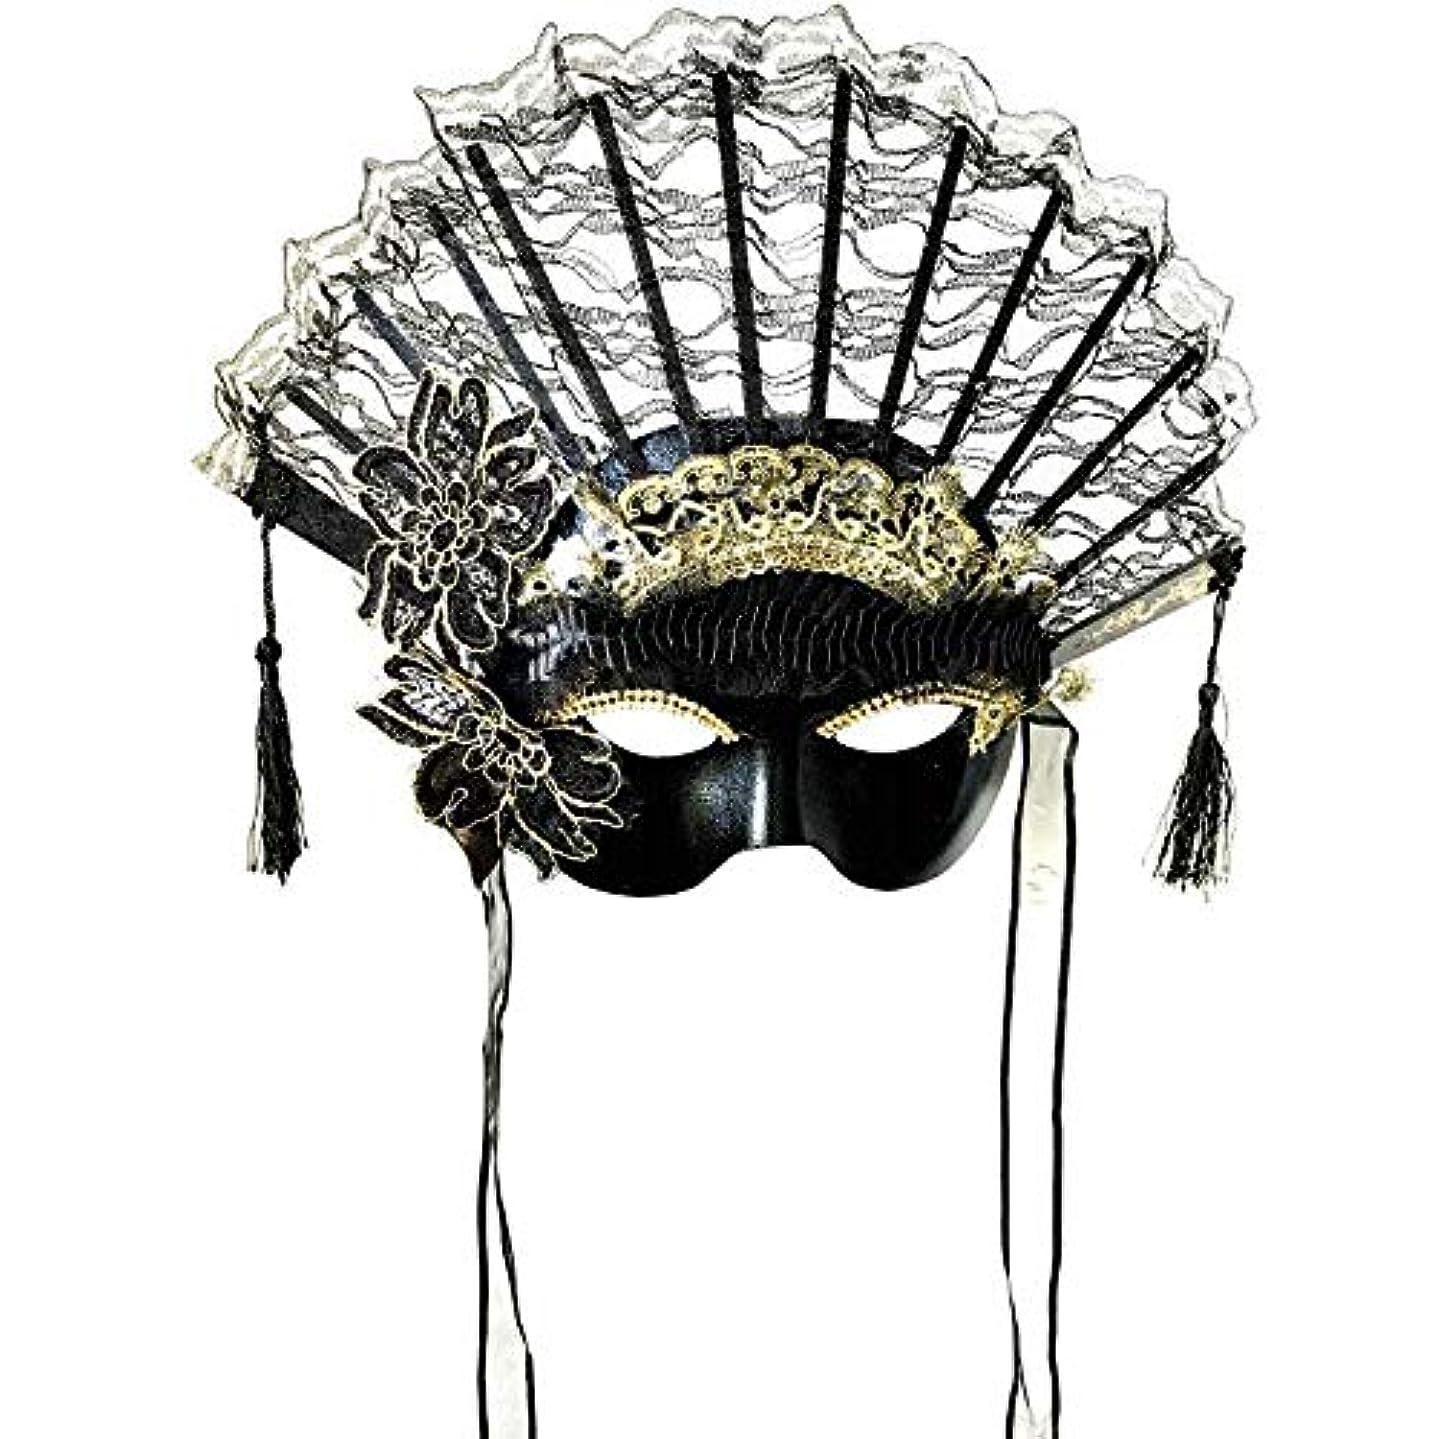 偽マーケティング付き添い人Nanle ハロウィンクリスマスレースファンシェイプフラワーフリンジビーズマスク仮装マスクレディミスプリンセス美容祭パーティーデコレーションマスク (色 : Black B)